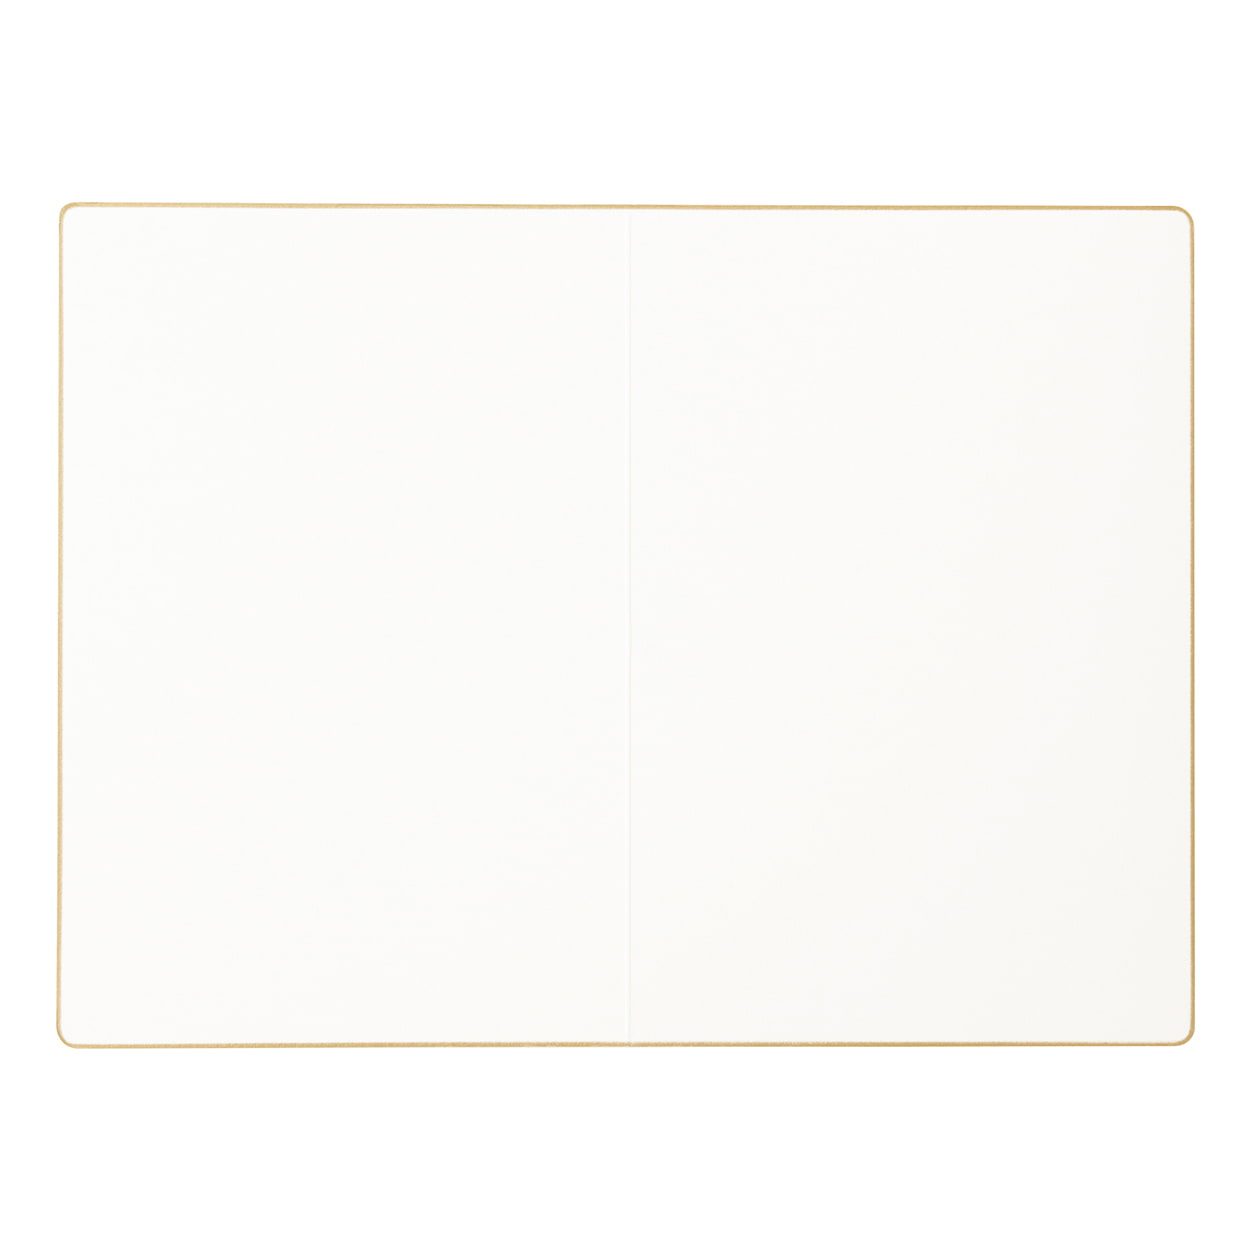 No.56ボーダード #51VカードR ゴールドスノーホワイト 232.8g